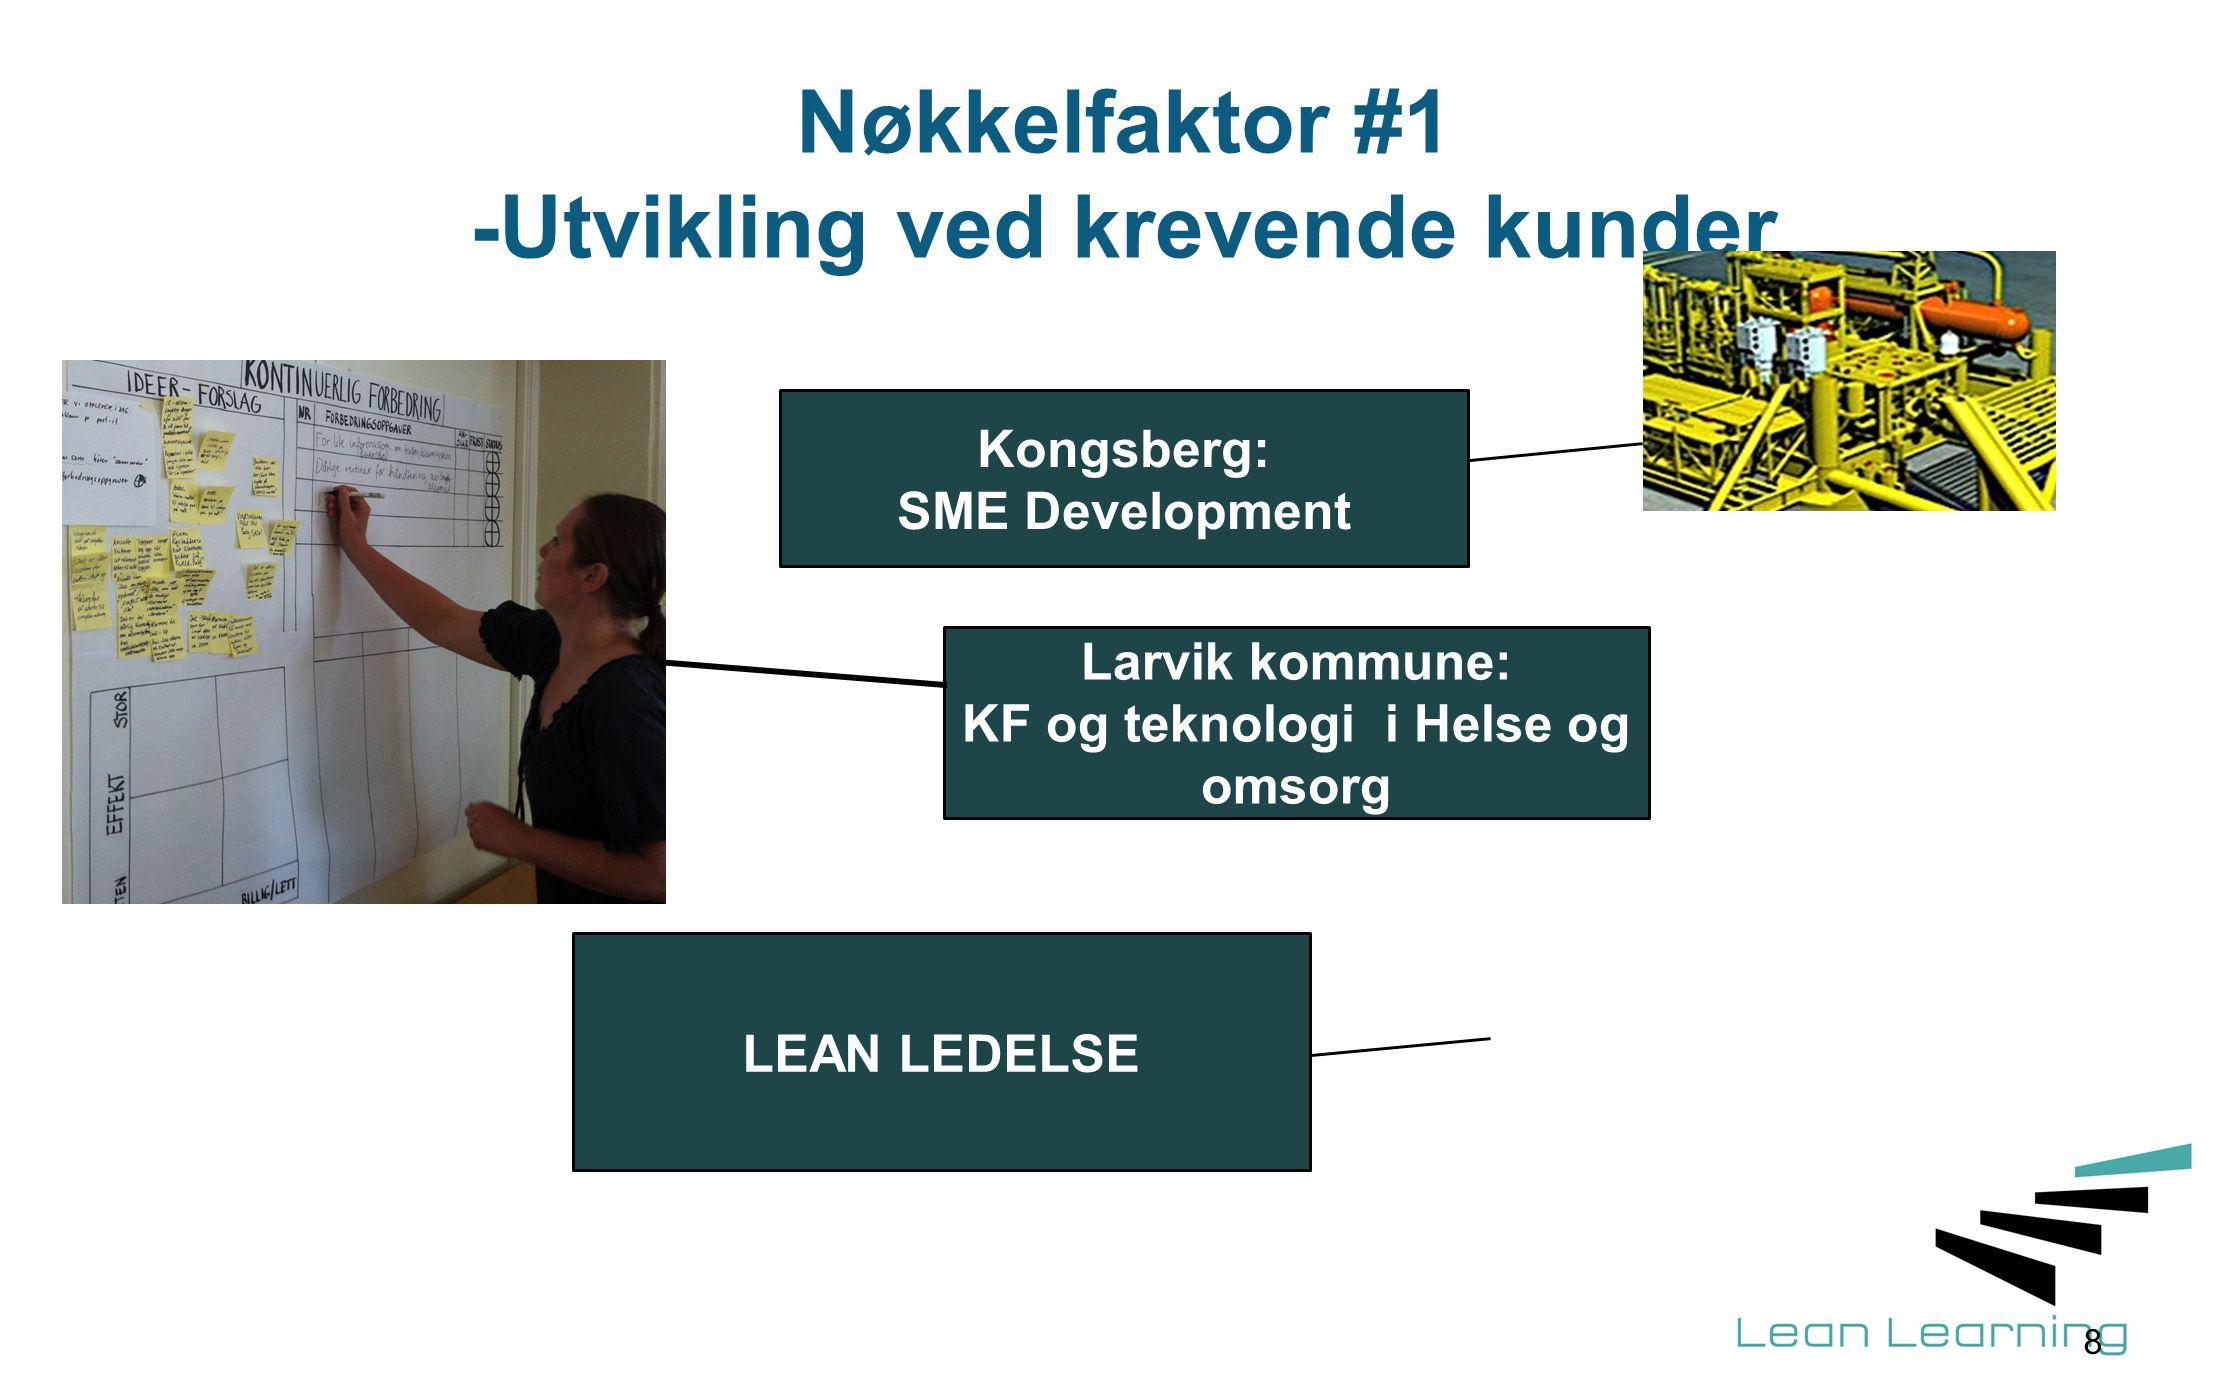 Nøkkelfaktor #1 -Utvikling ved krevende kunder